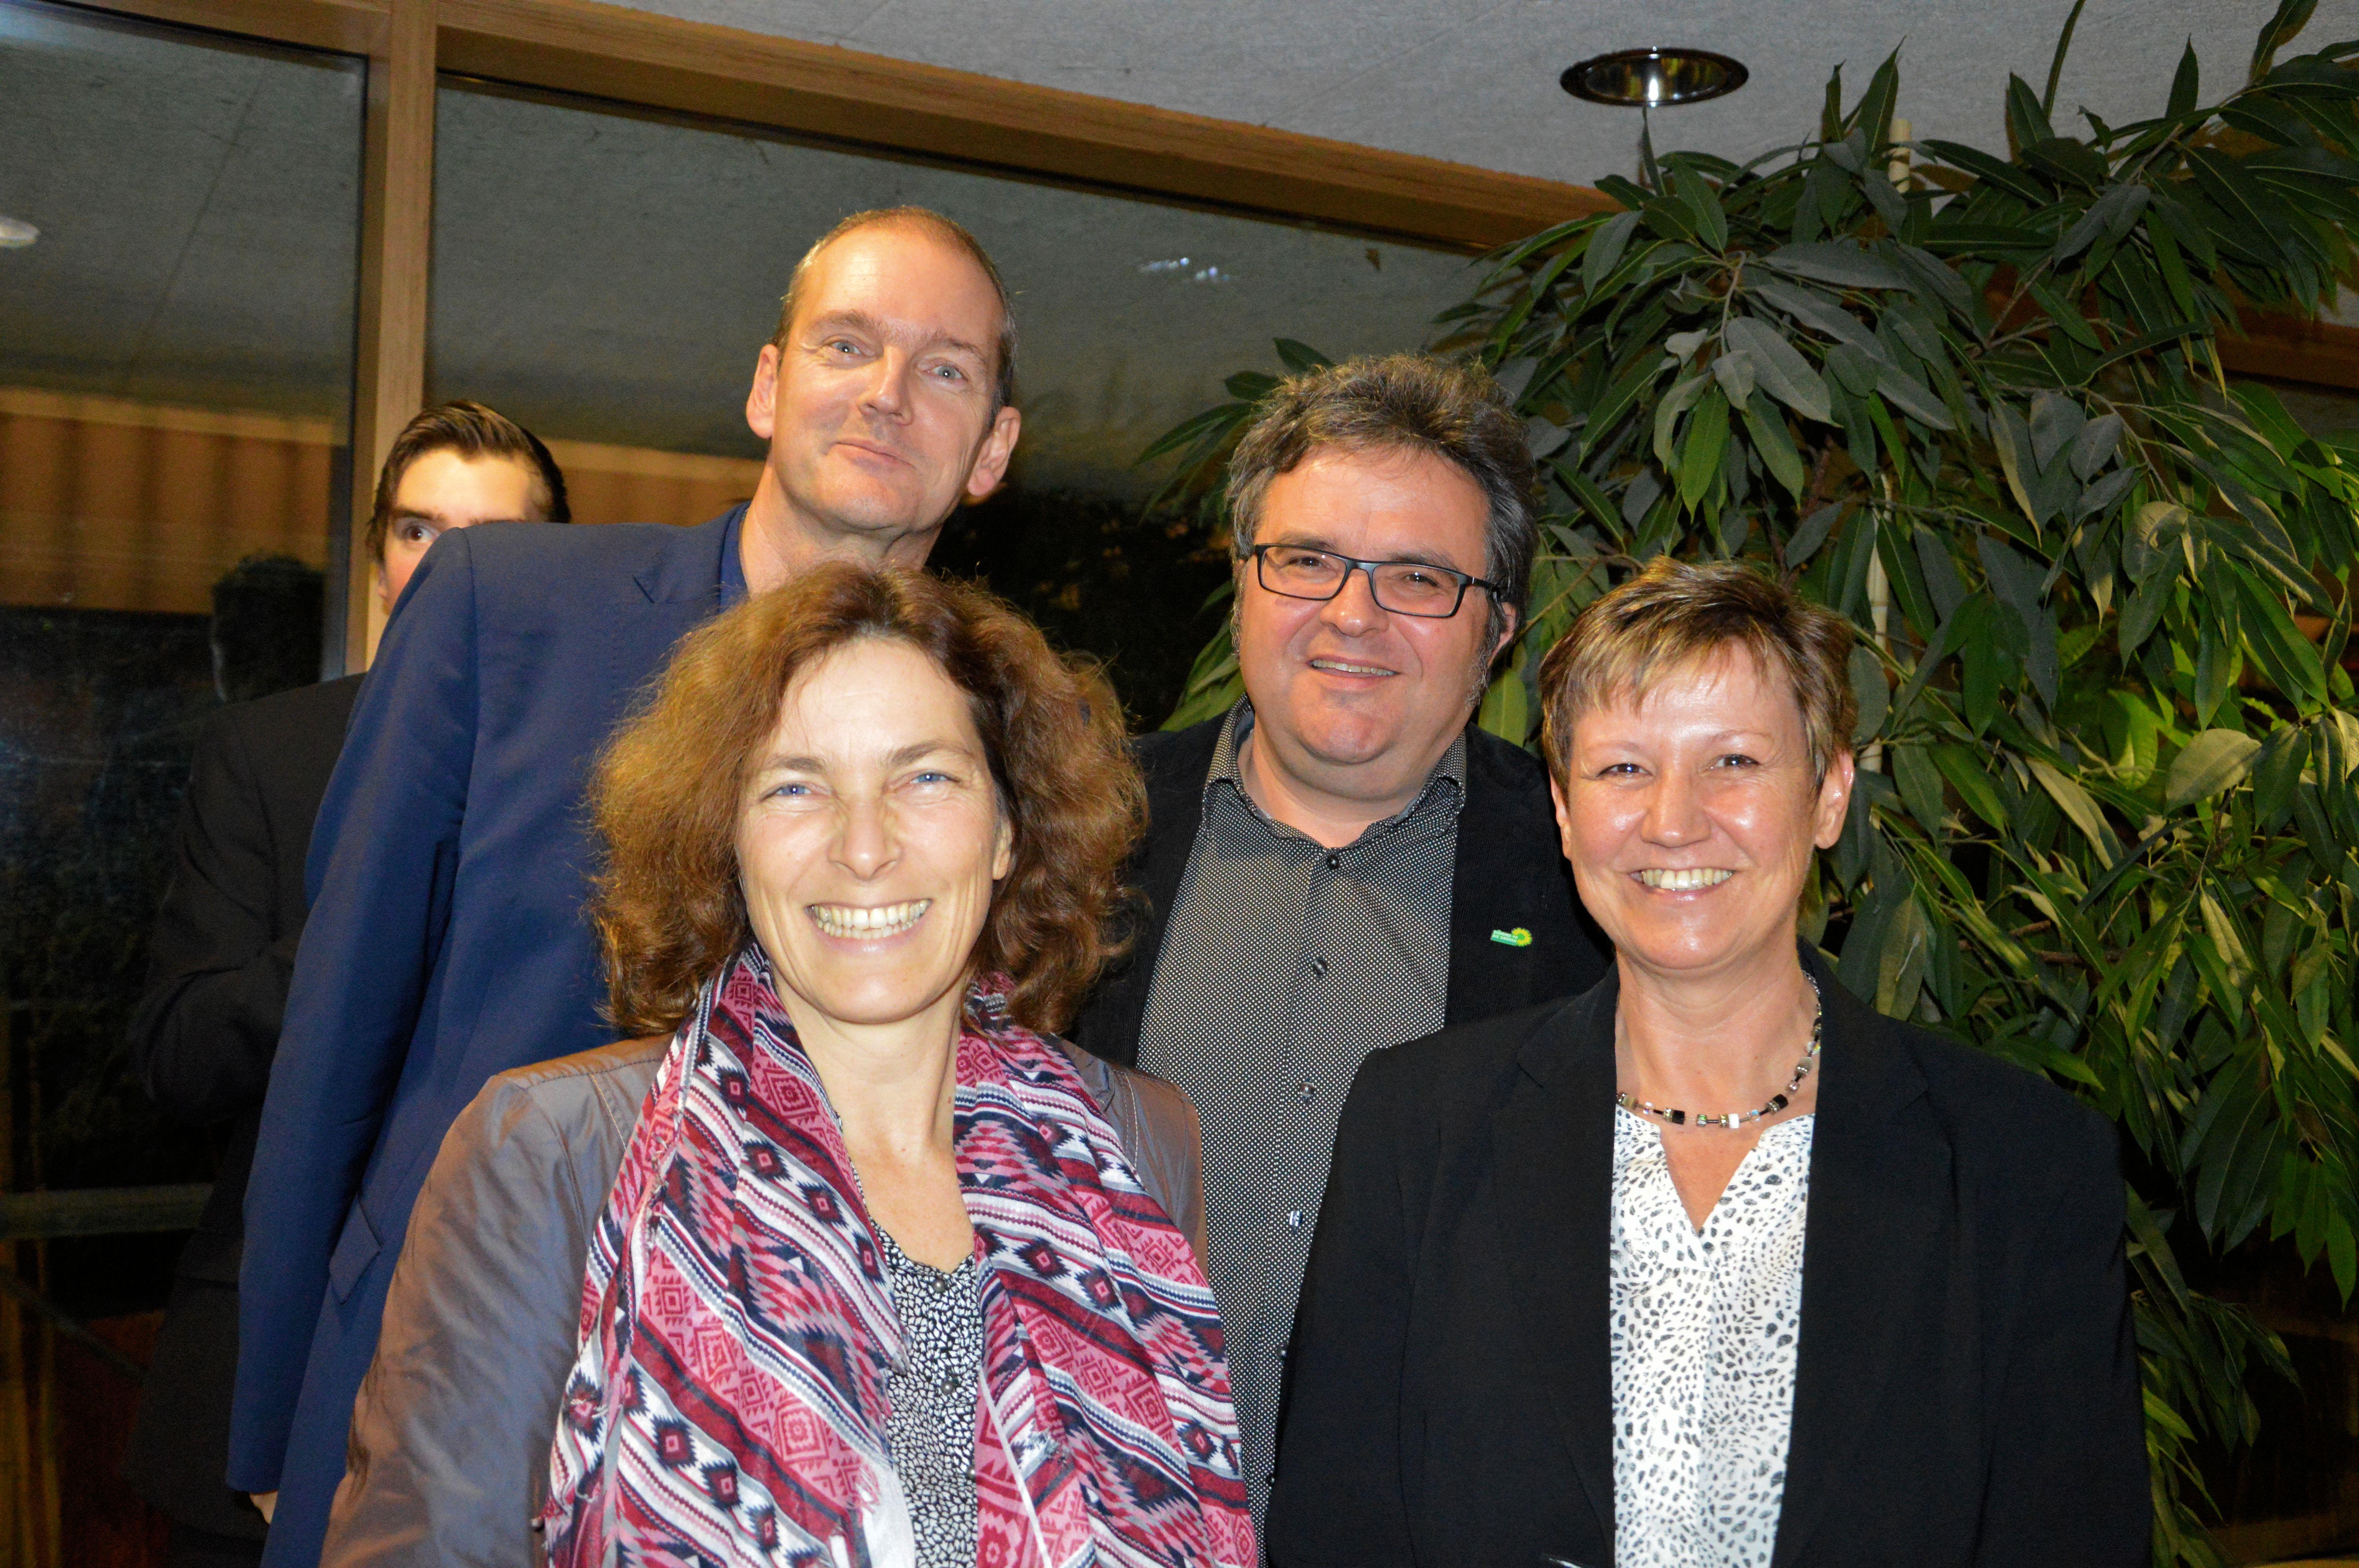 Vielen Dank an Angelika Cronauer fürs Foto der vier unterfränkischen GRÜNEN MandatsträgerInnen in Bezirk und Land: Thomas Mütze, Kerstin Celina, Gerhard Müller und Bärbel Imhof.